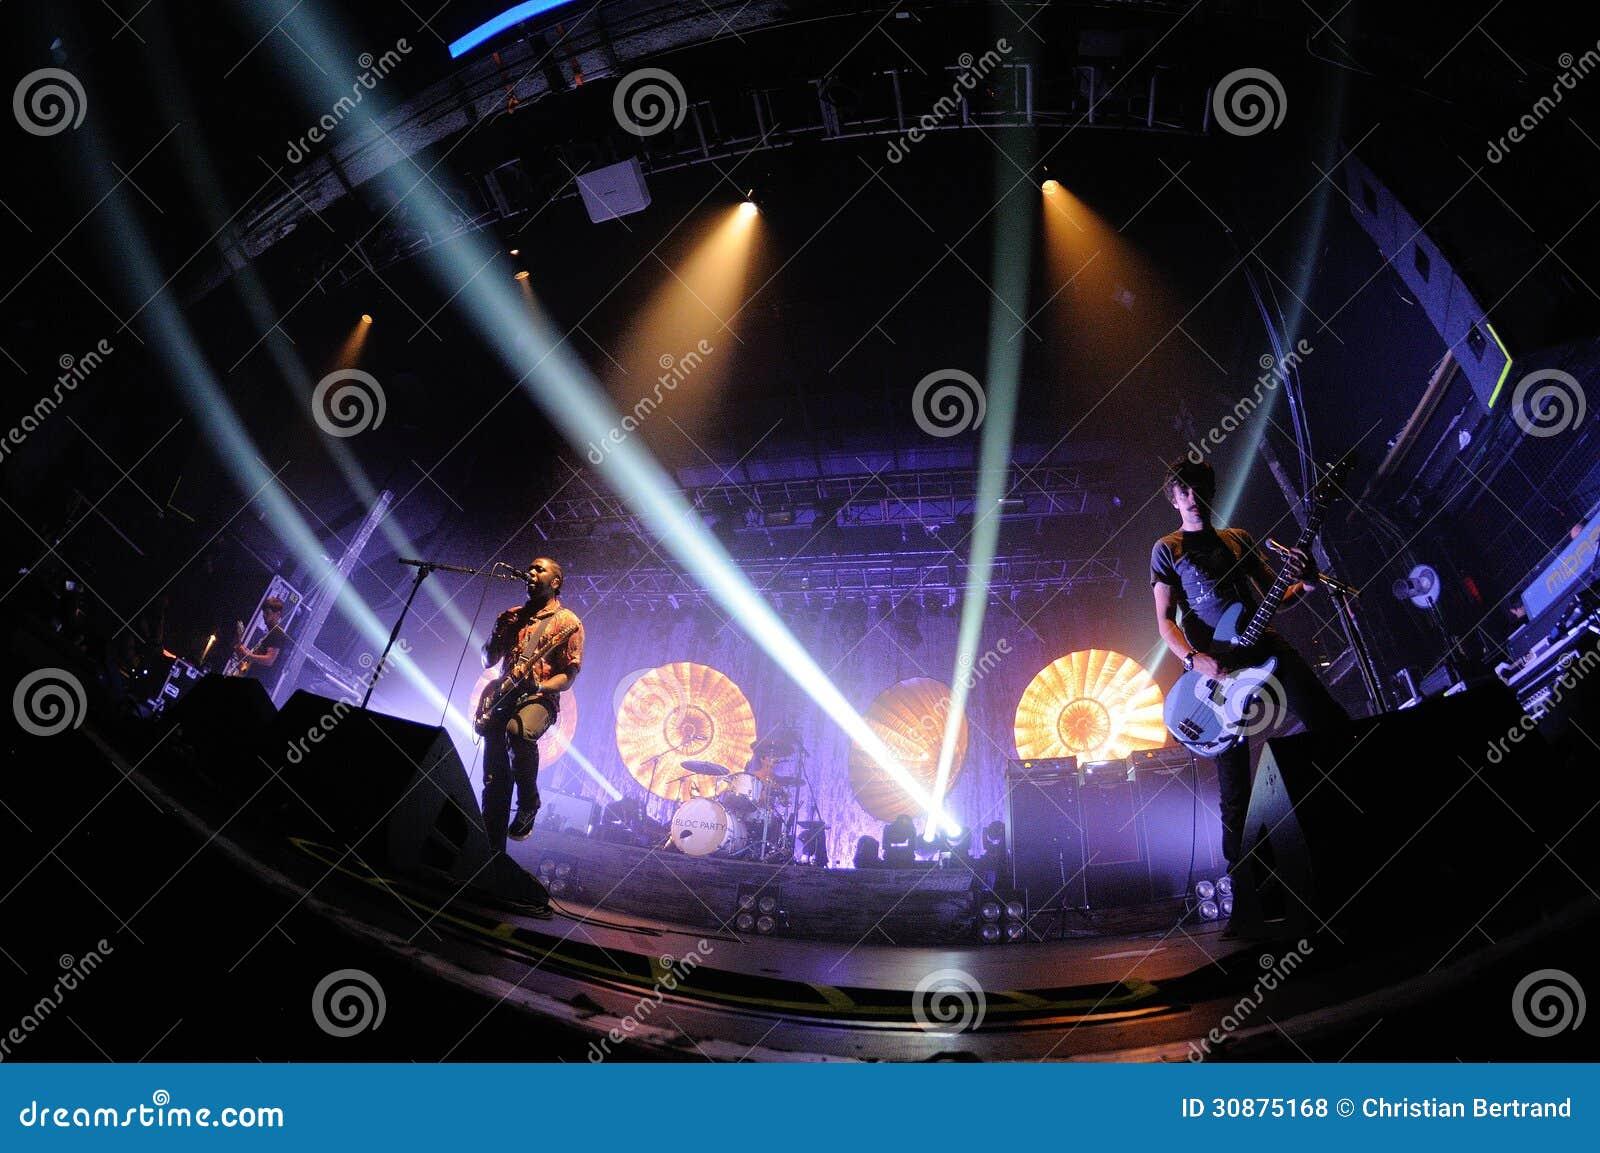 Bloc Party, britischer indie Rockband, führt an den Razzmatazz-Vereinen durch.